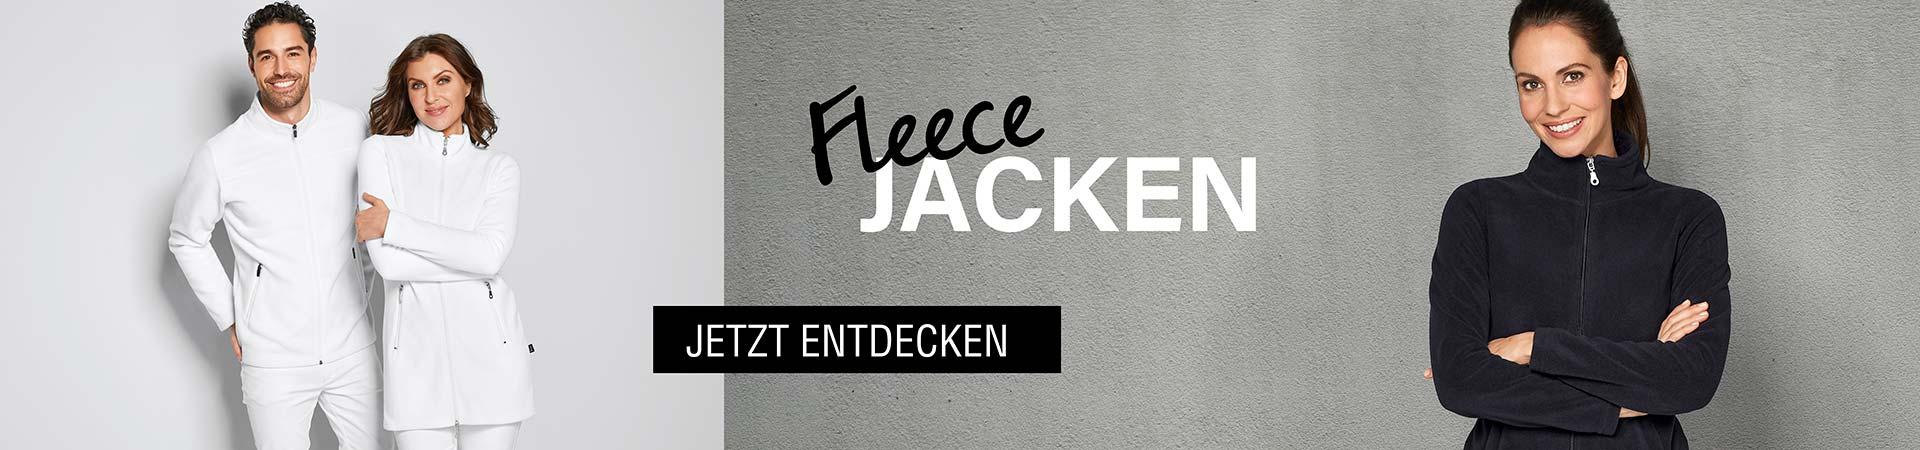 Fleece Jacken